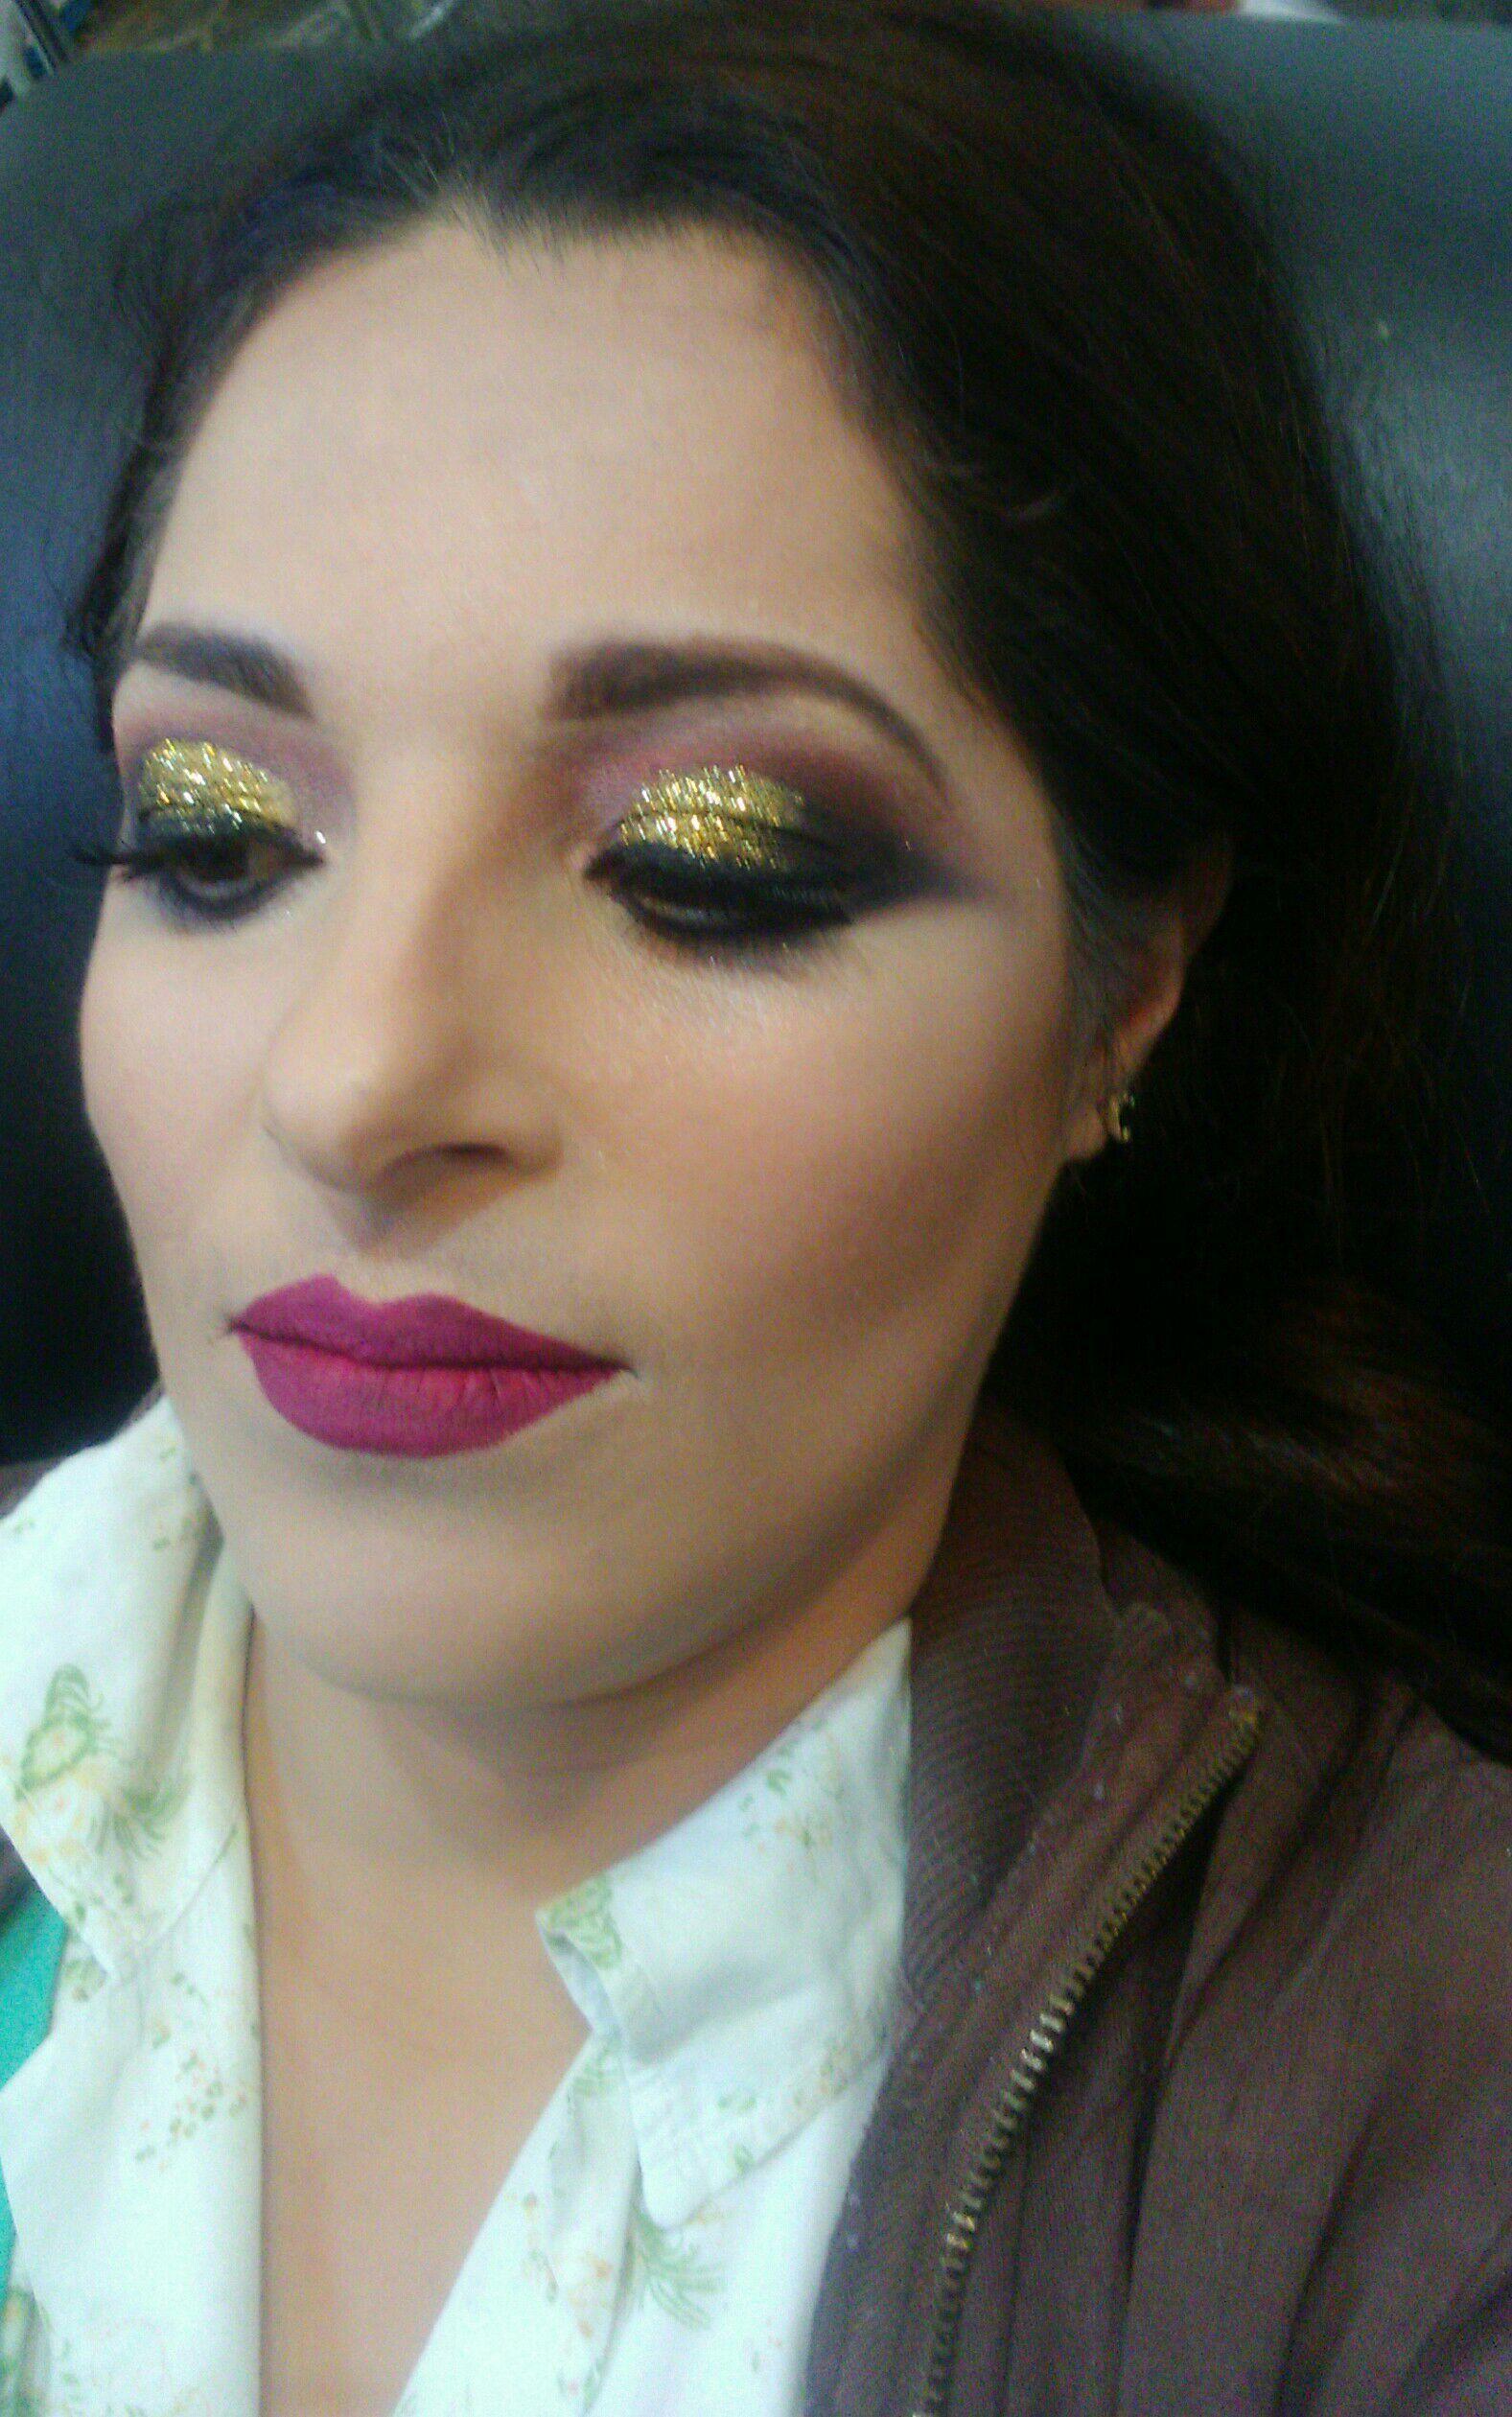 Make festa com brilho e pele com contorno e iluminação!!  Veja o antes e depois em Facebook.com/studiomicheletorres maquiagem maquiador(a)